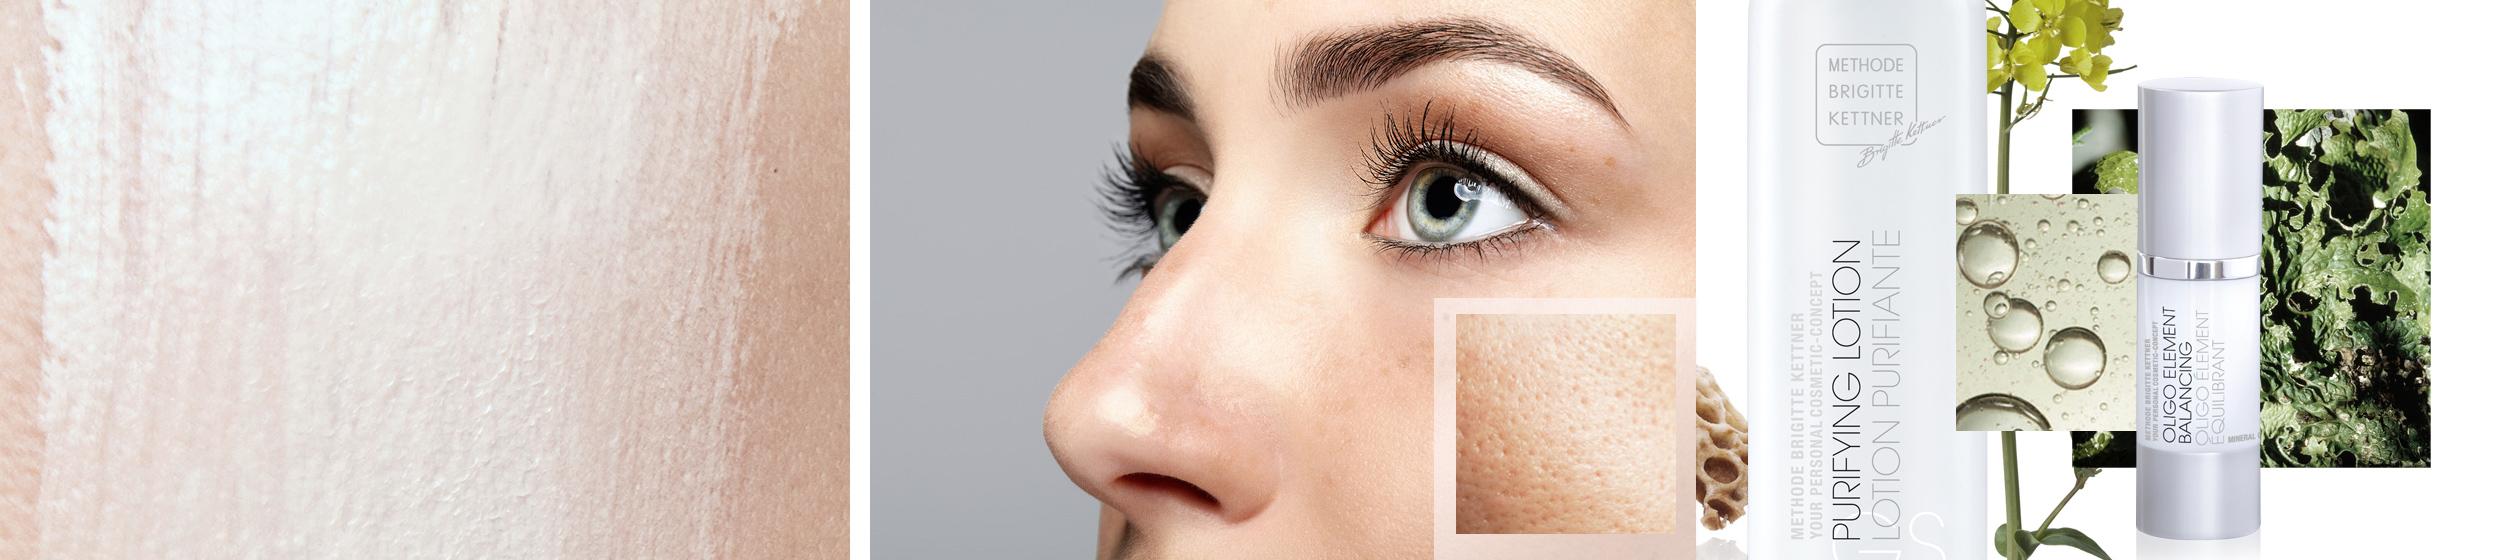 Type de peau peau grasse